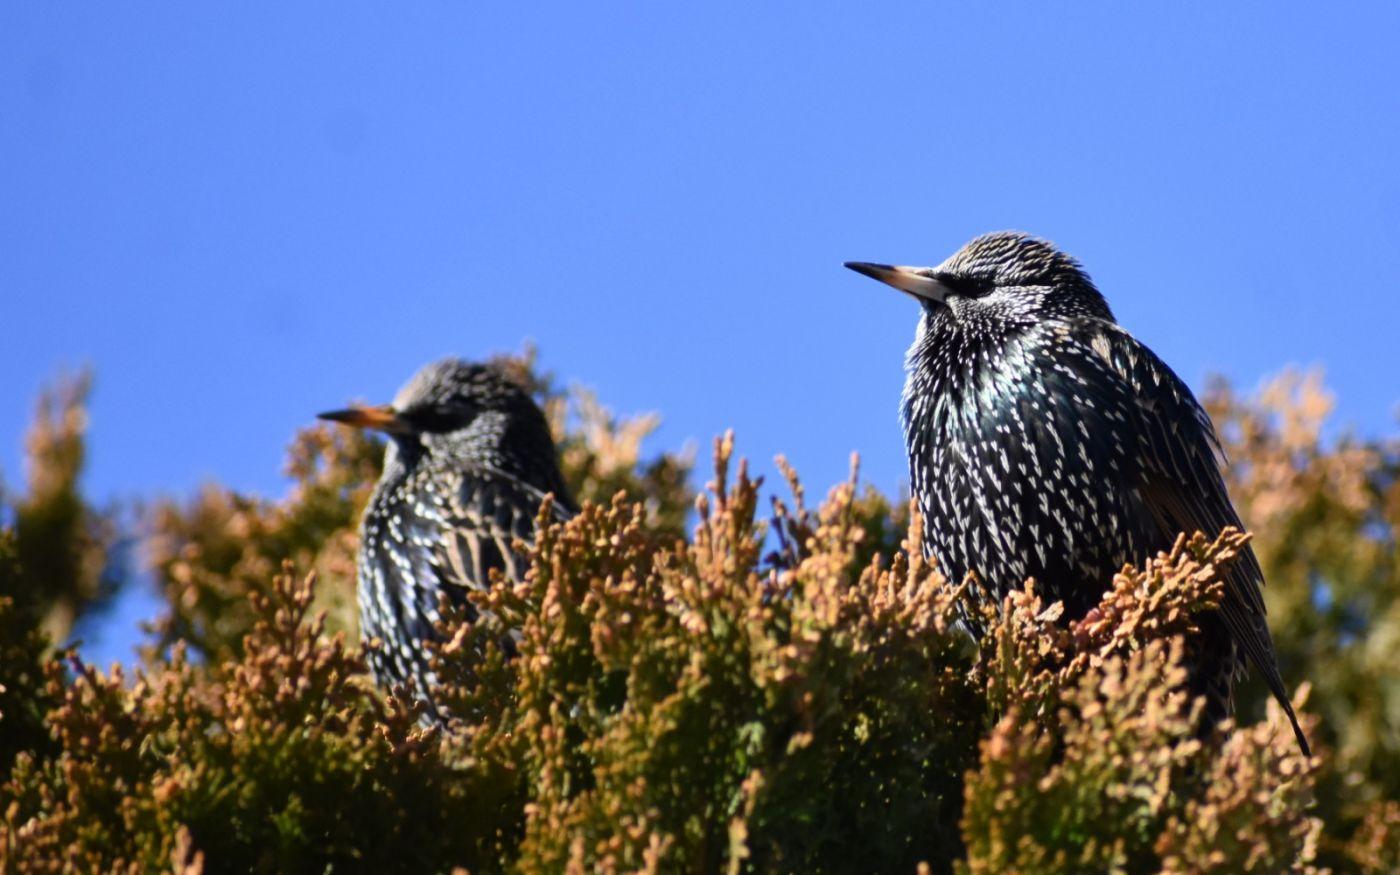 紫翅椋鸟_图1-20